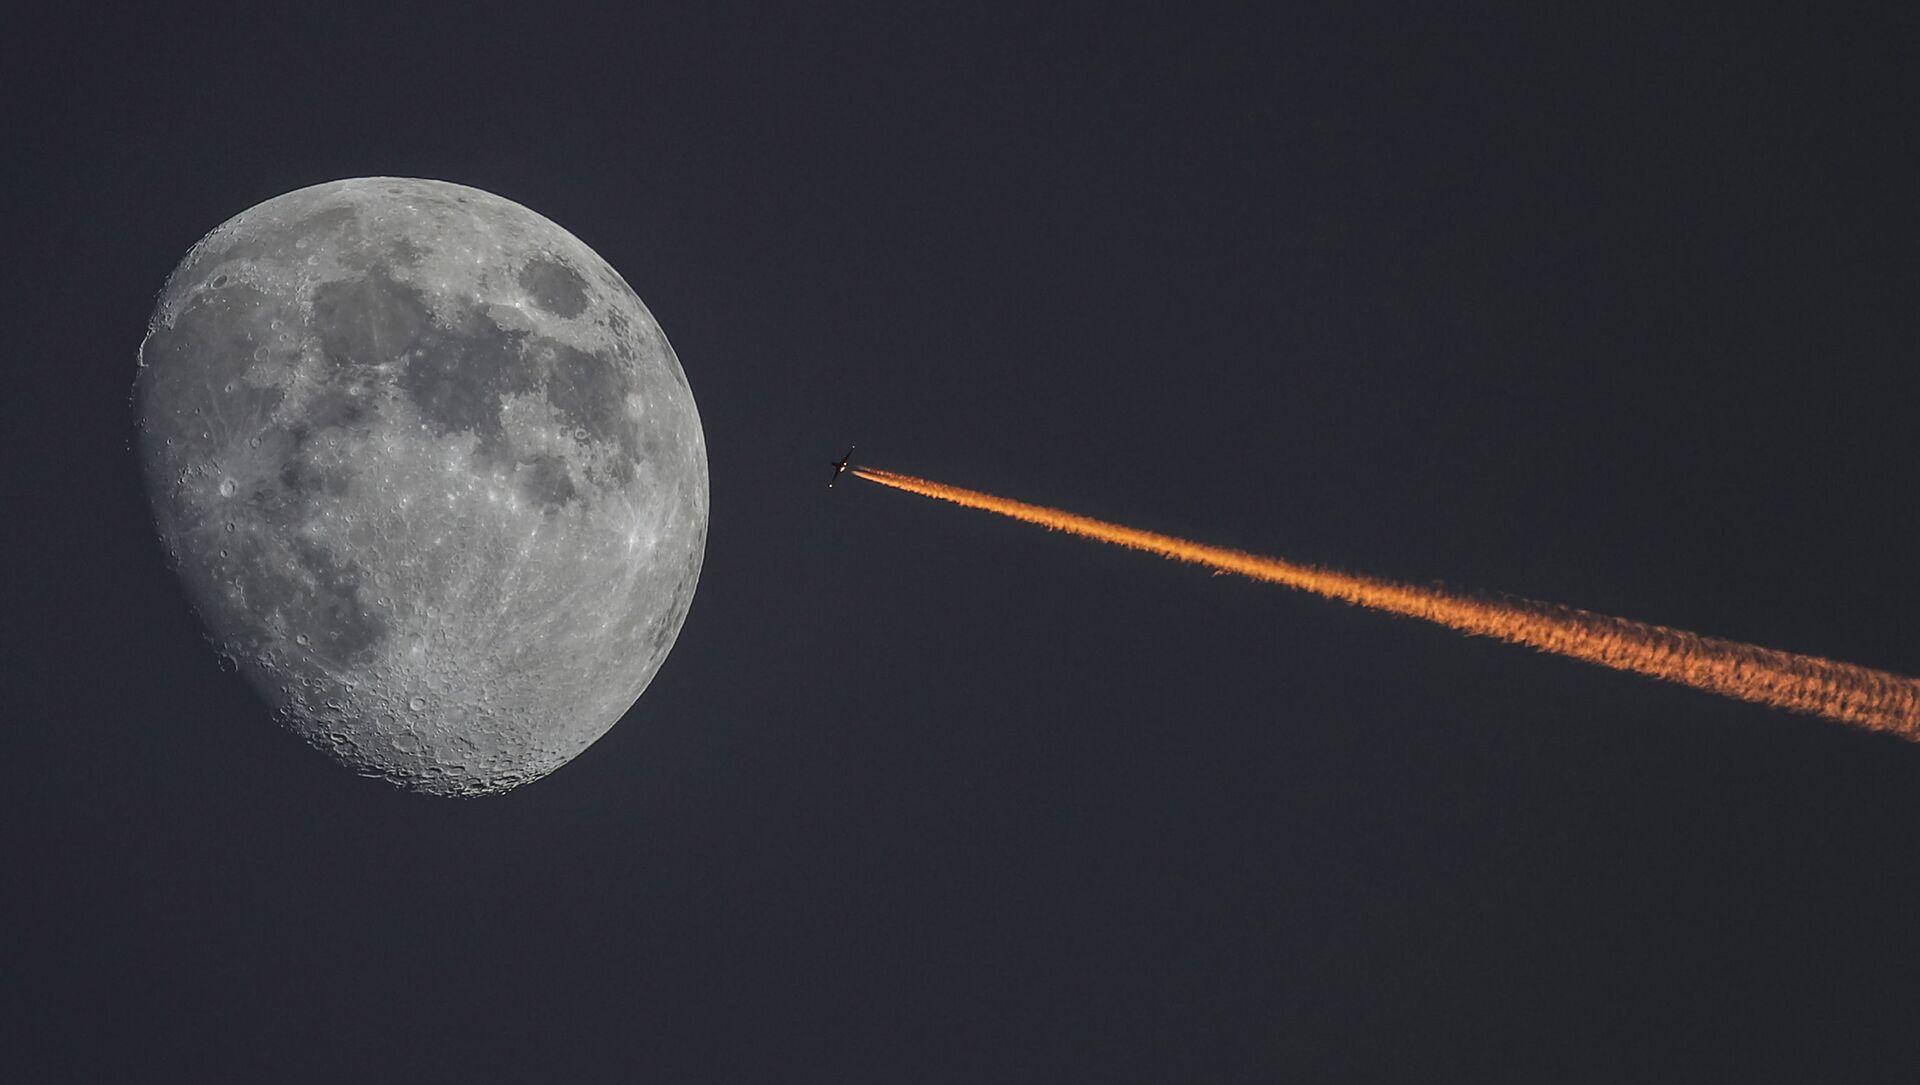 Księżyc i samolot przad zachodem słońca - Sputnik Polska, 1920, 09.03.2021